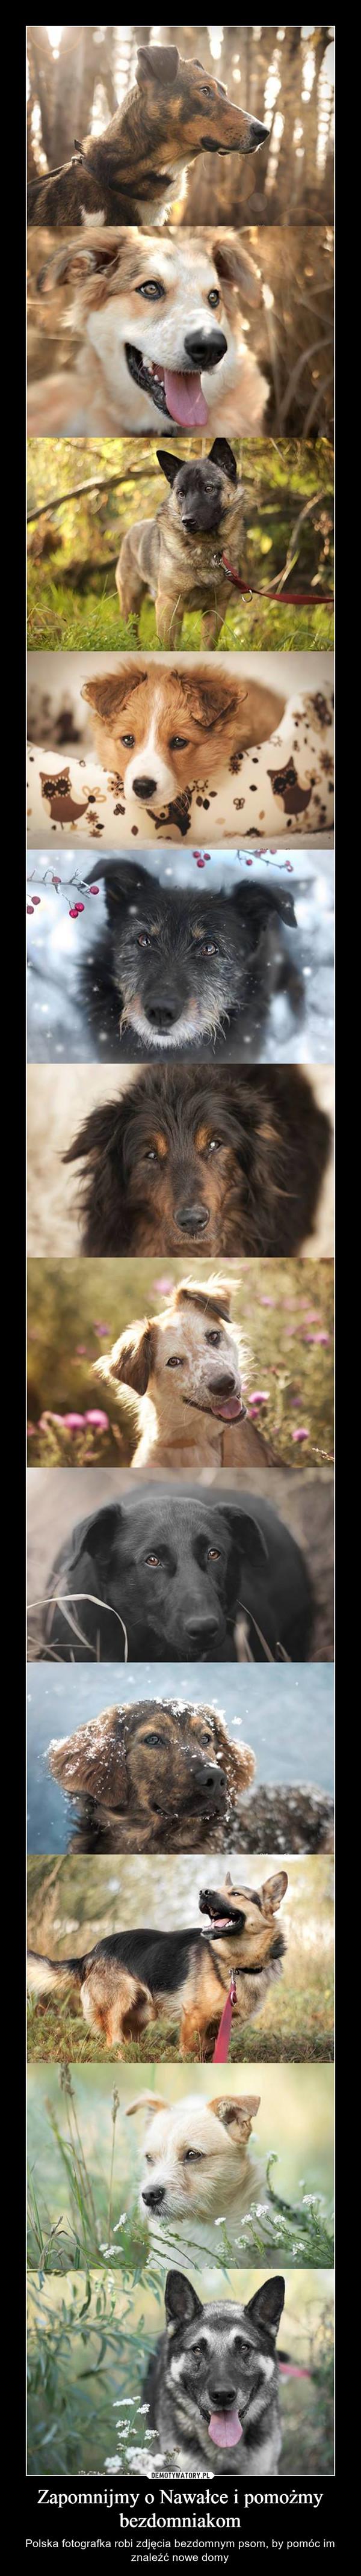 Zapomnijmy o Nawałce i pomożmy bezdomniakom – Polska fotografka robi zdjęcia bezdomnym psom, by pomóc im znaleźć nowe domy